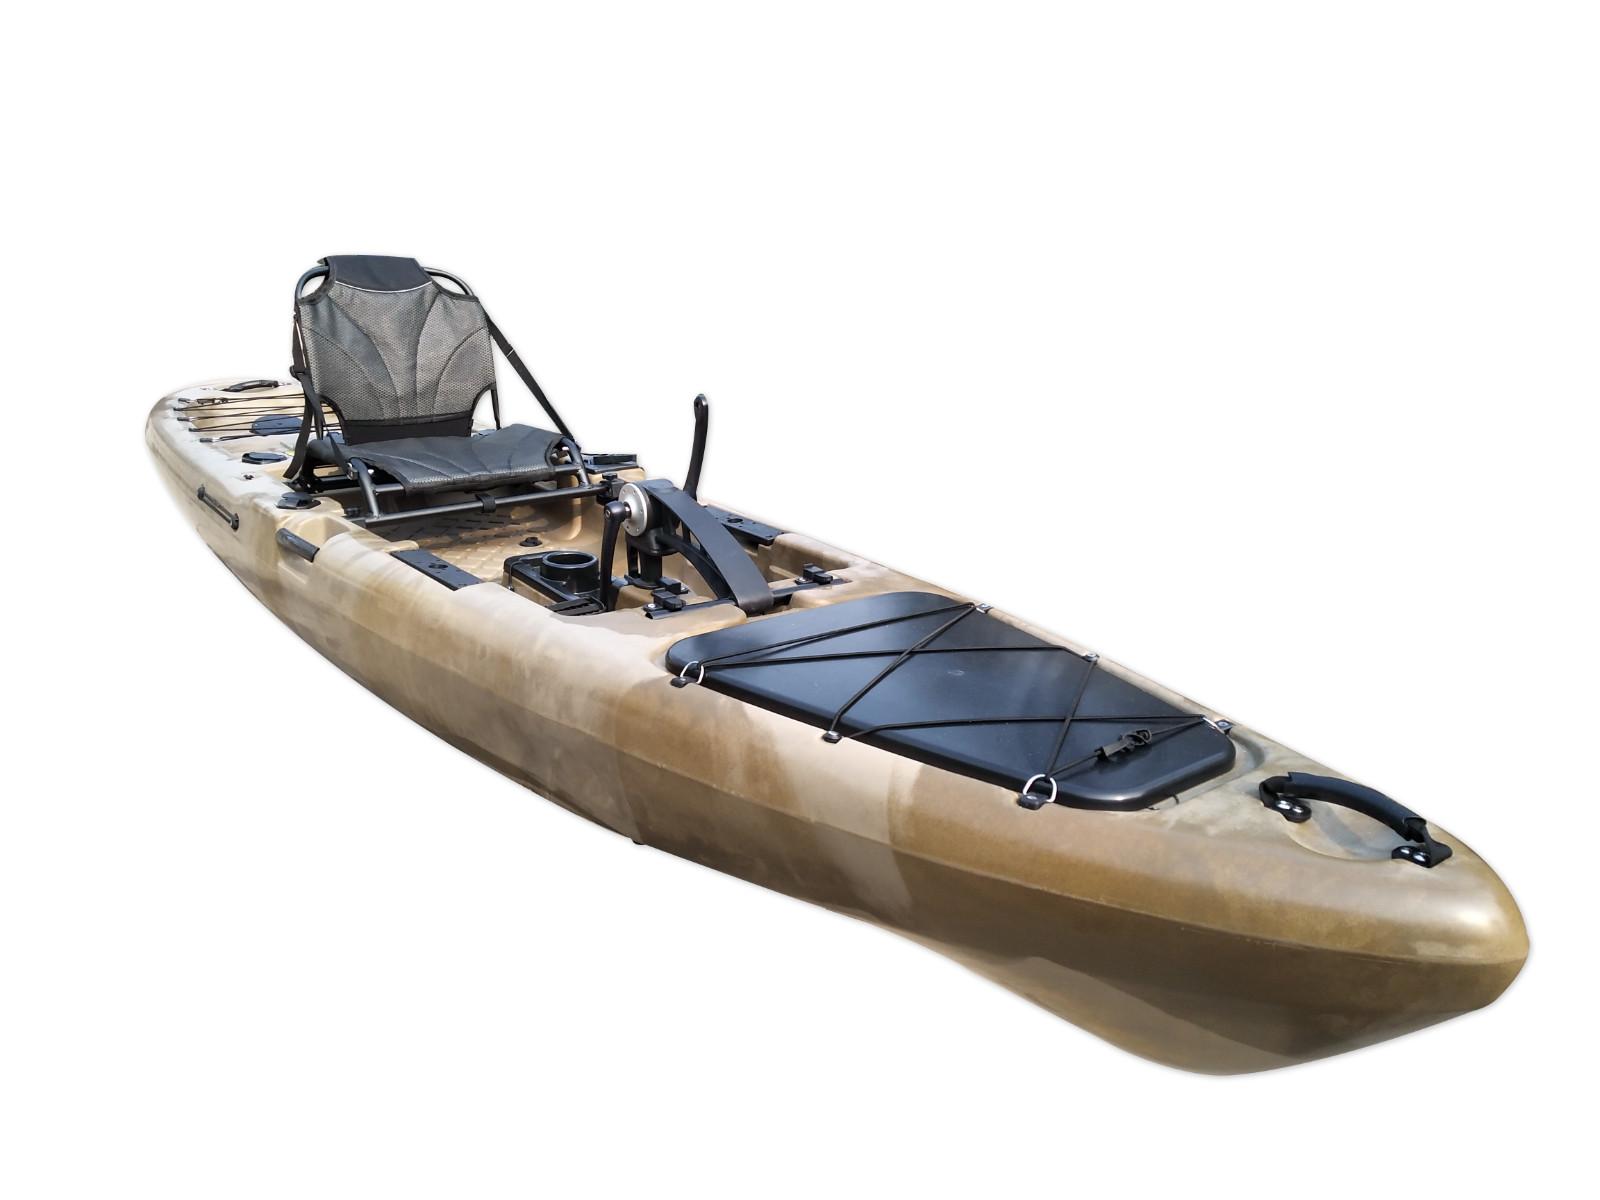 广东便携式皮划艇哪里好 选购满意的皮划艇,就来洛赛菲皮划艇